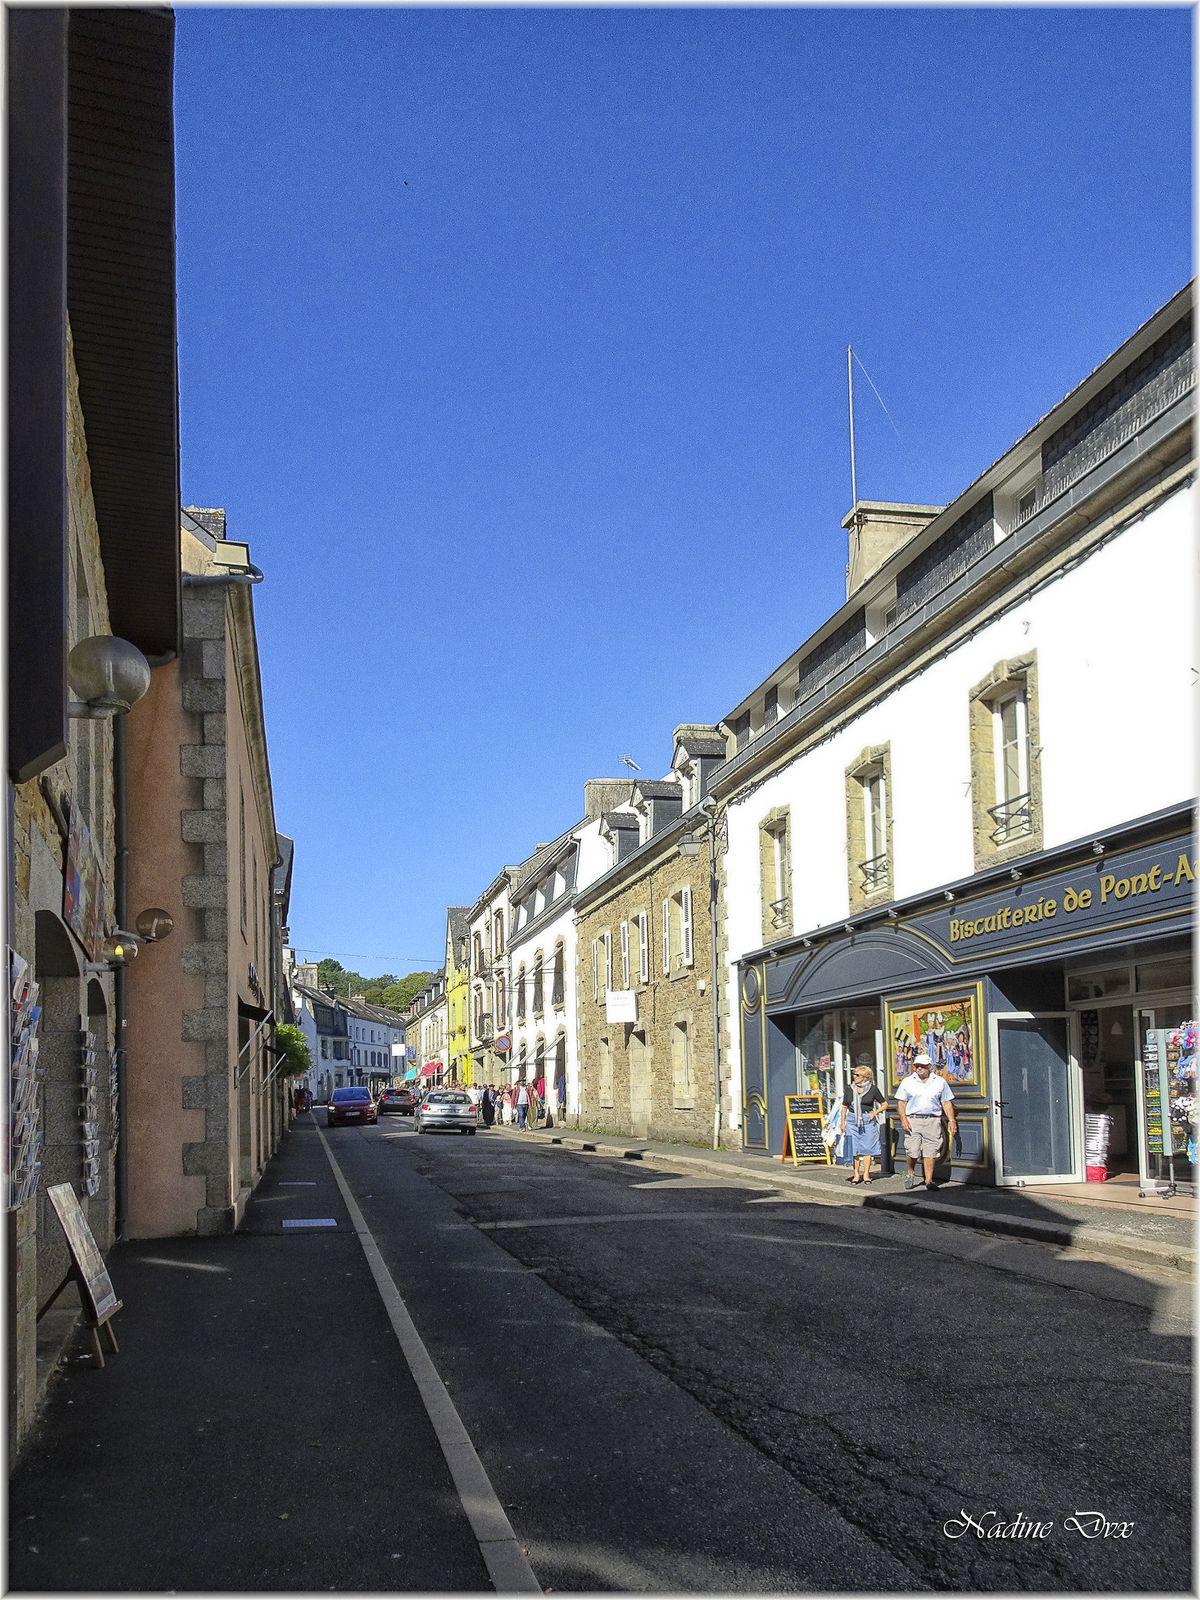 Rues de Pont-Aven - 29